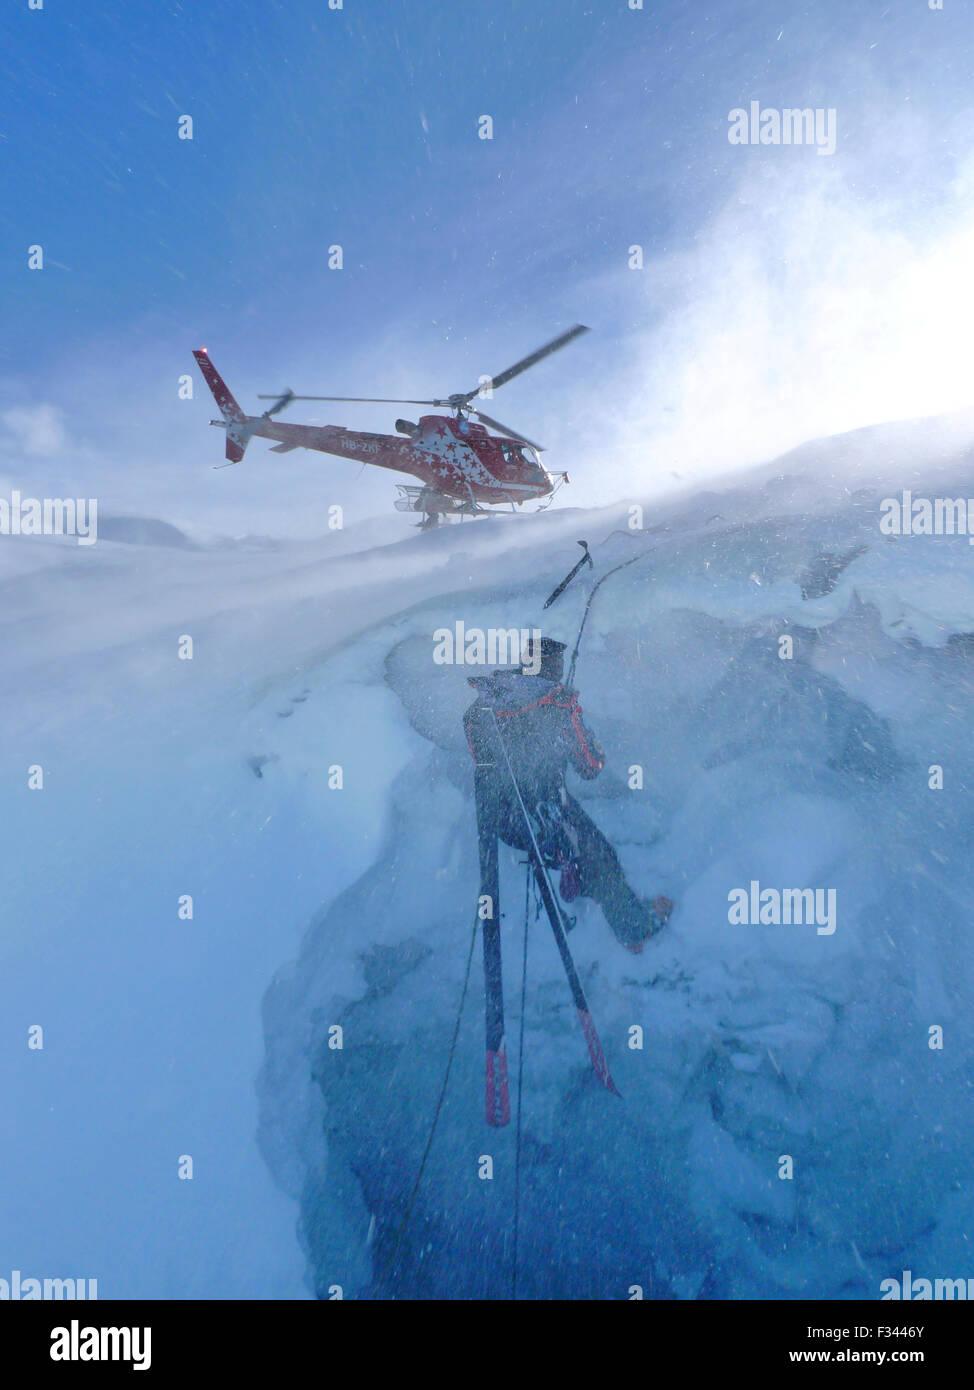 Una montagna tecnico di soccorso è discendente in un crepaccio. Quando un fuori pista sciatore irrompe attraverso Immagini Stock